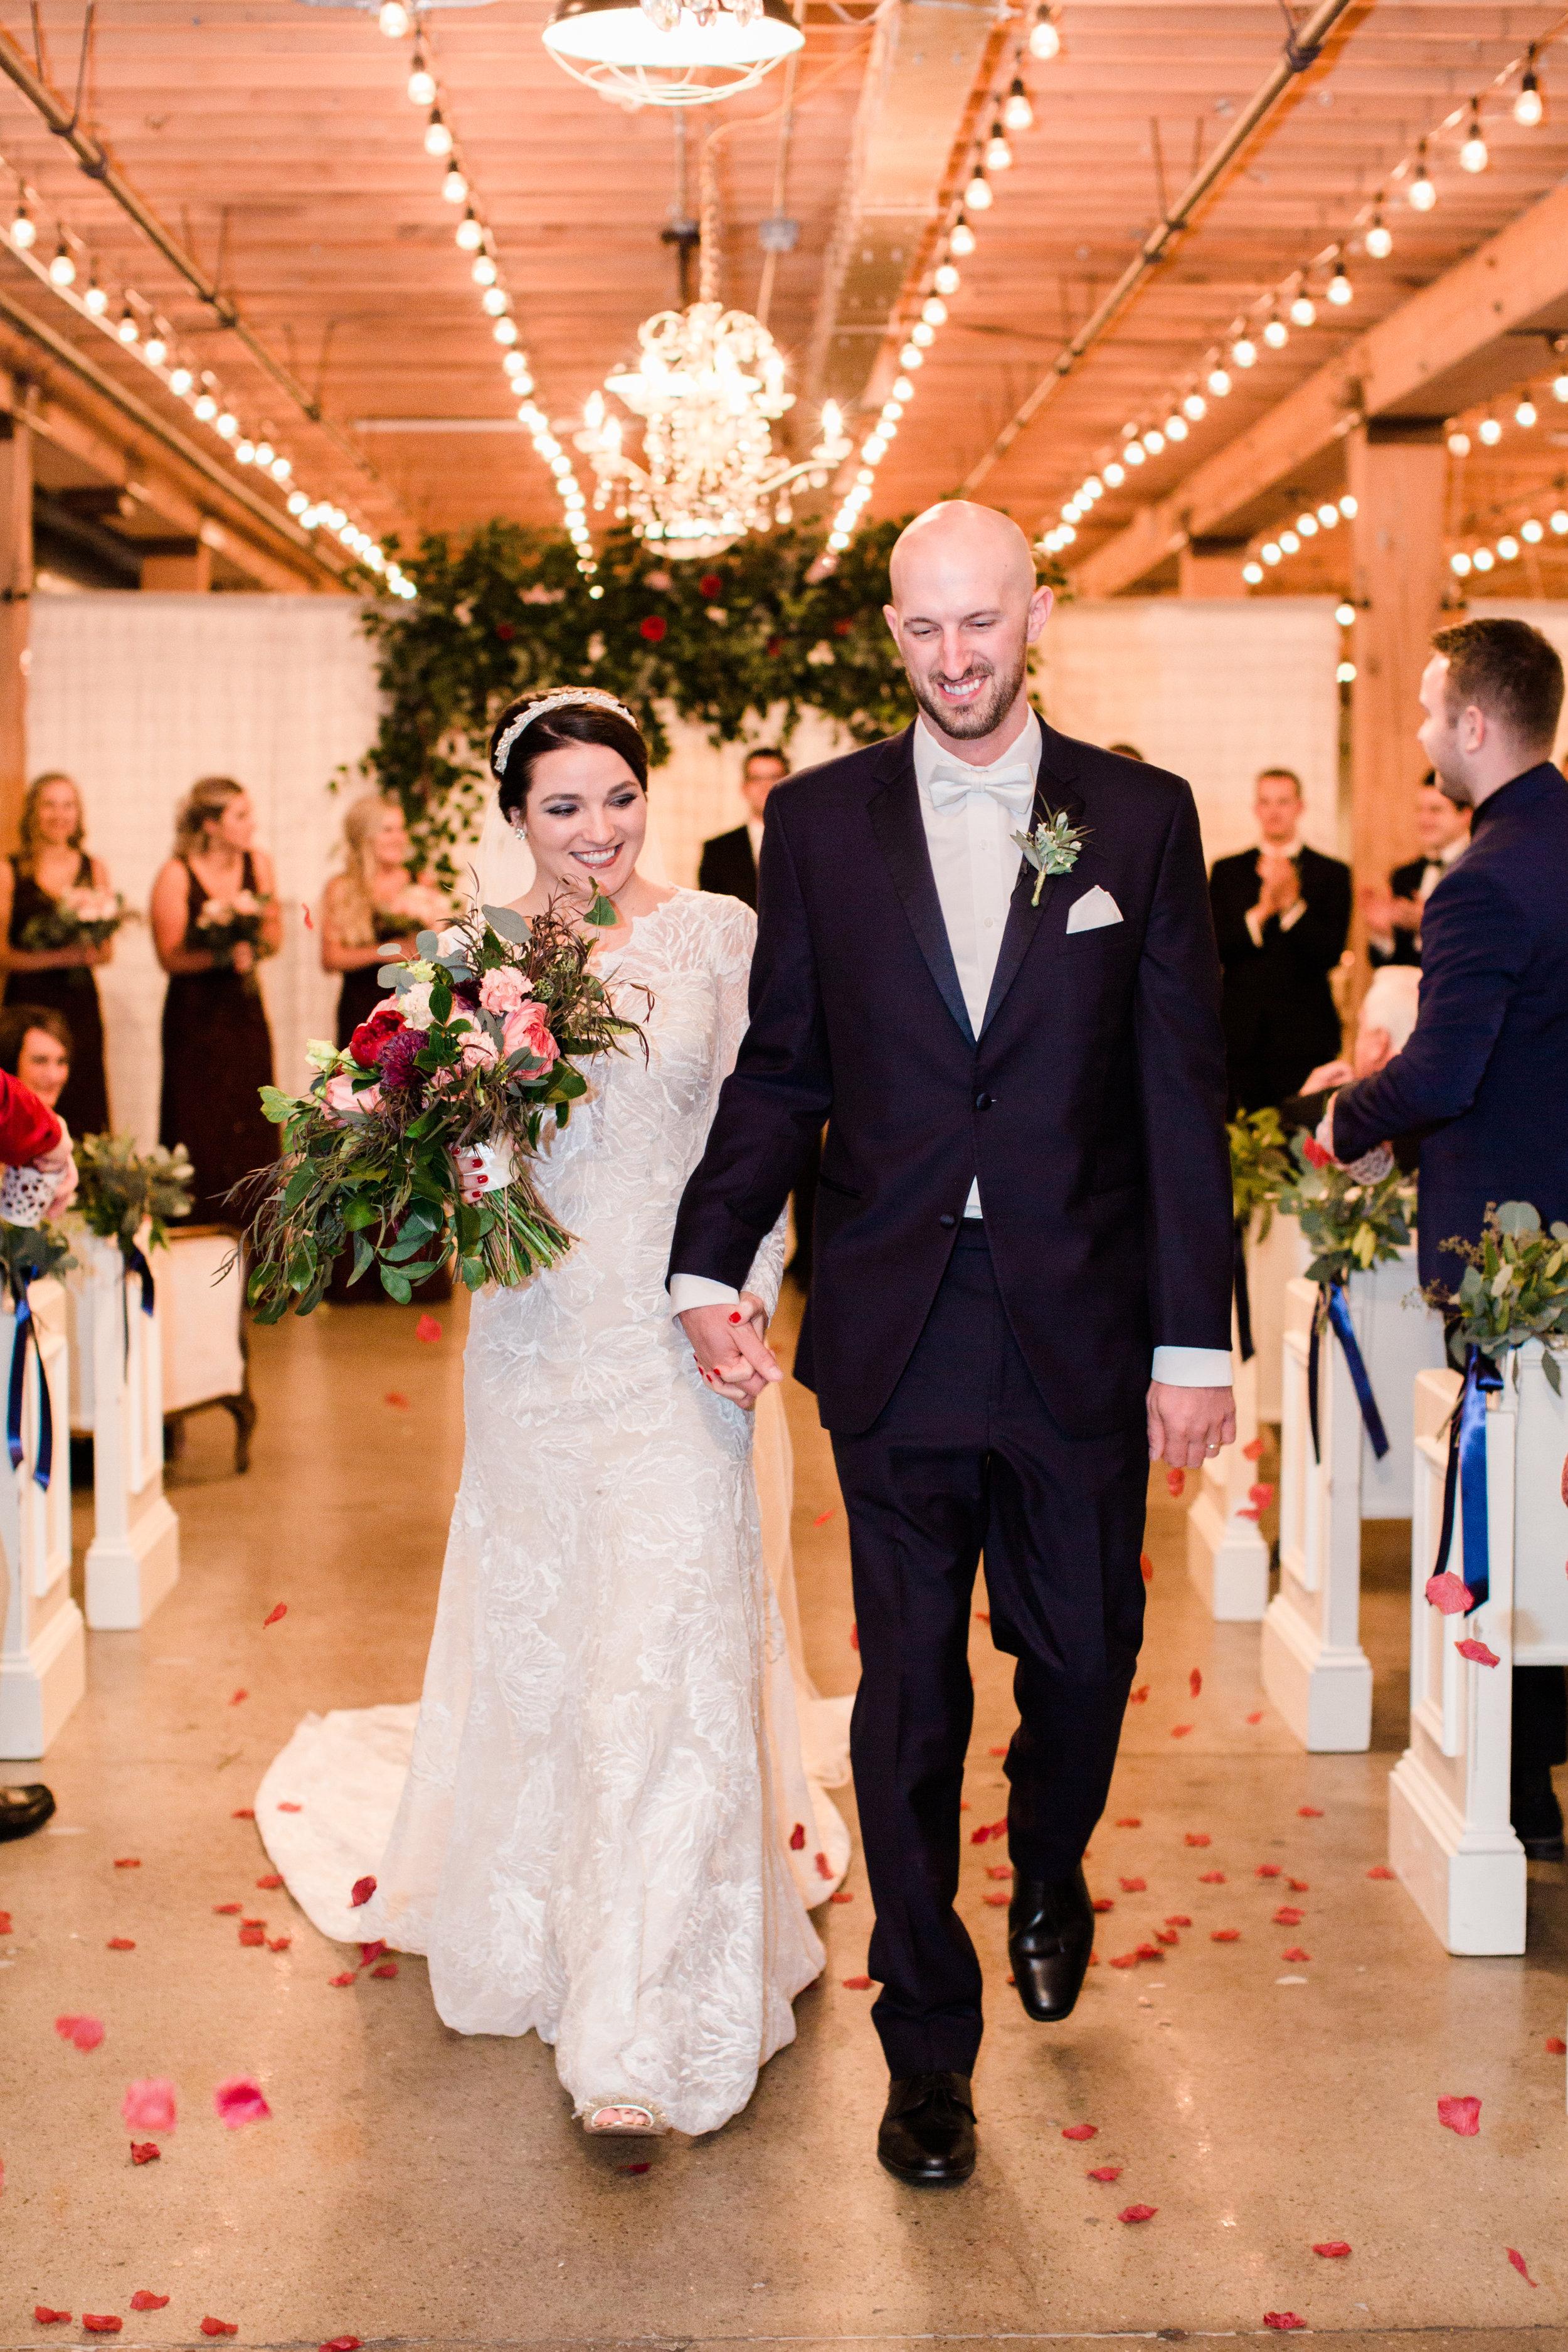 Vogelzang+Wedding+Ceremony-135.jpg